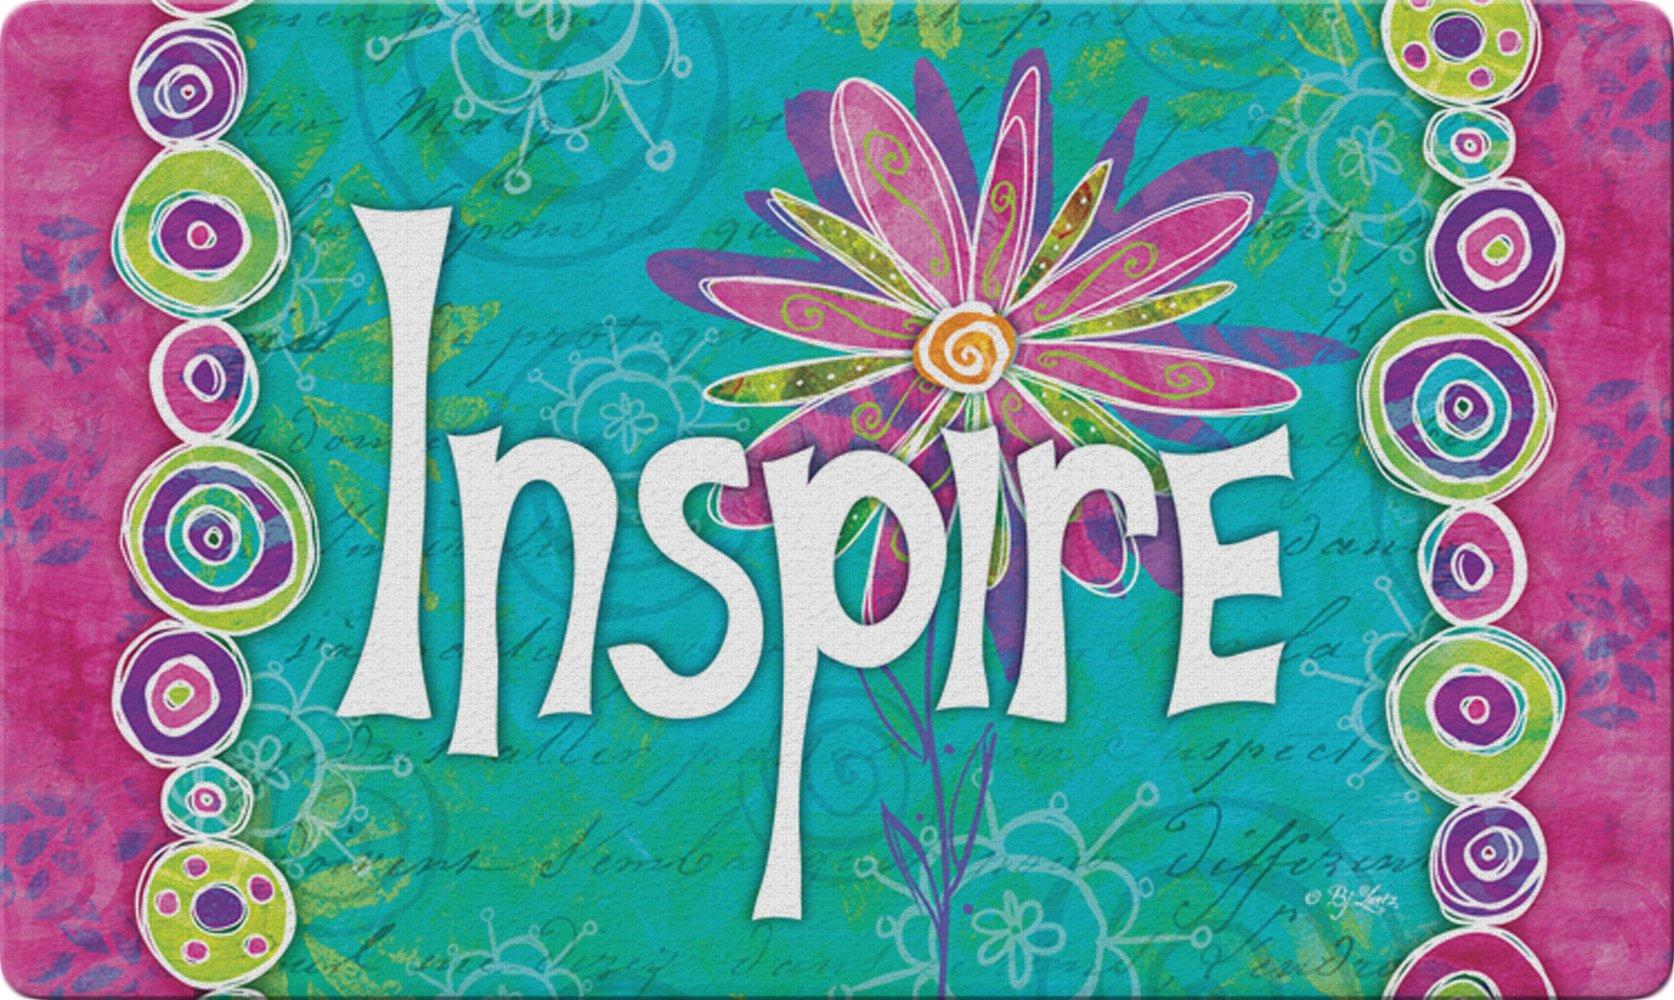 Toland Home Garden Inspire 18 x 30 Inch Decorative Floor Mat Colorful Flower Inspirational Doormat